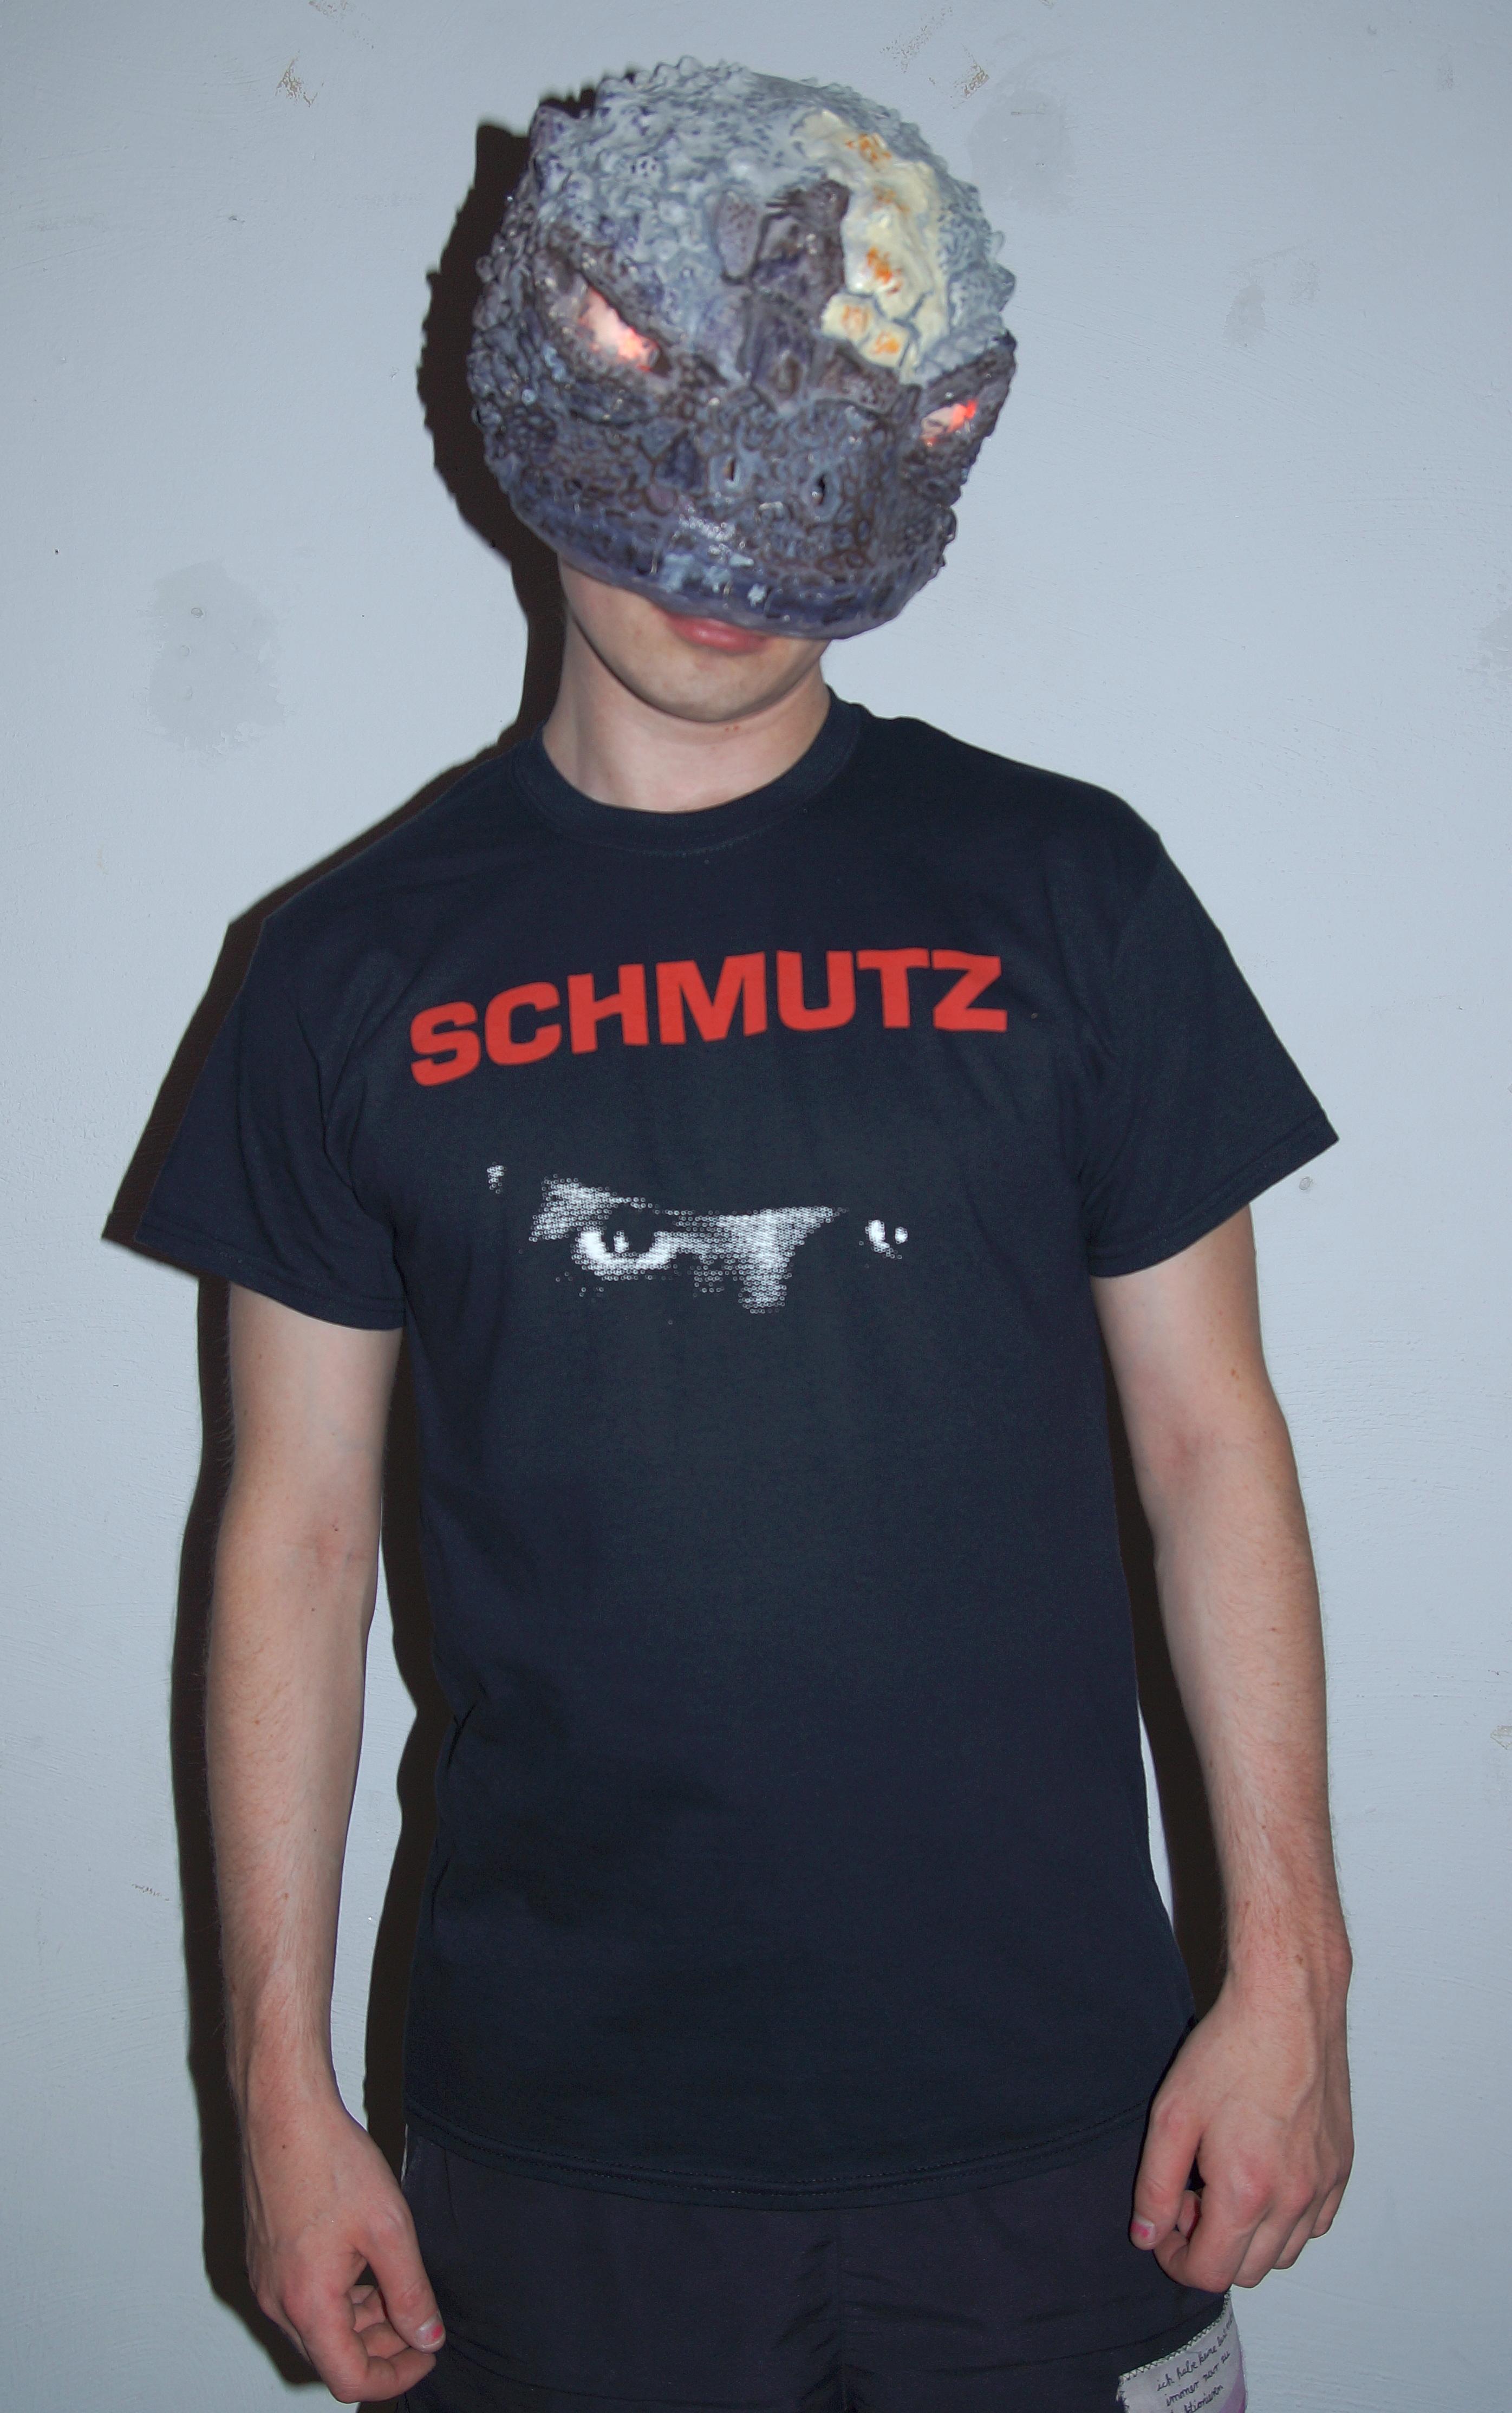 schwarzshirt.jpg